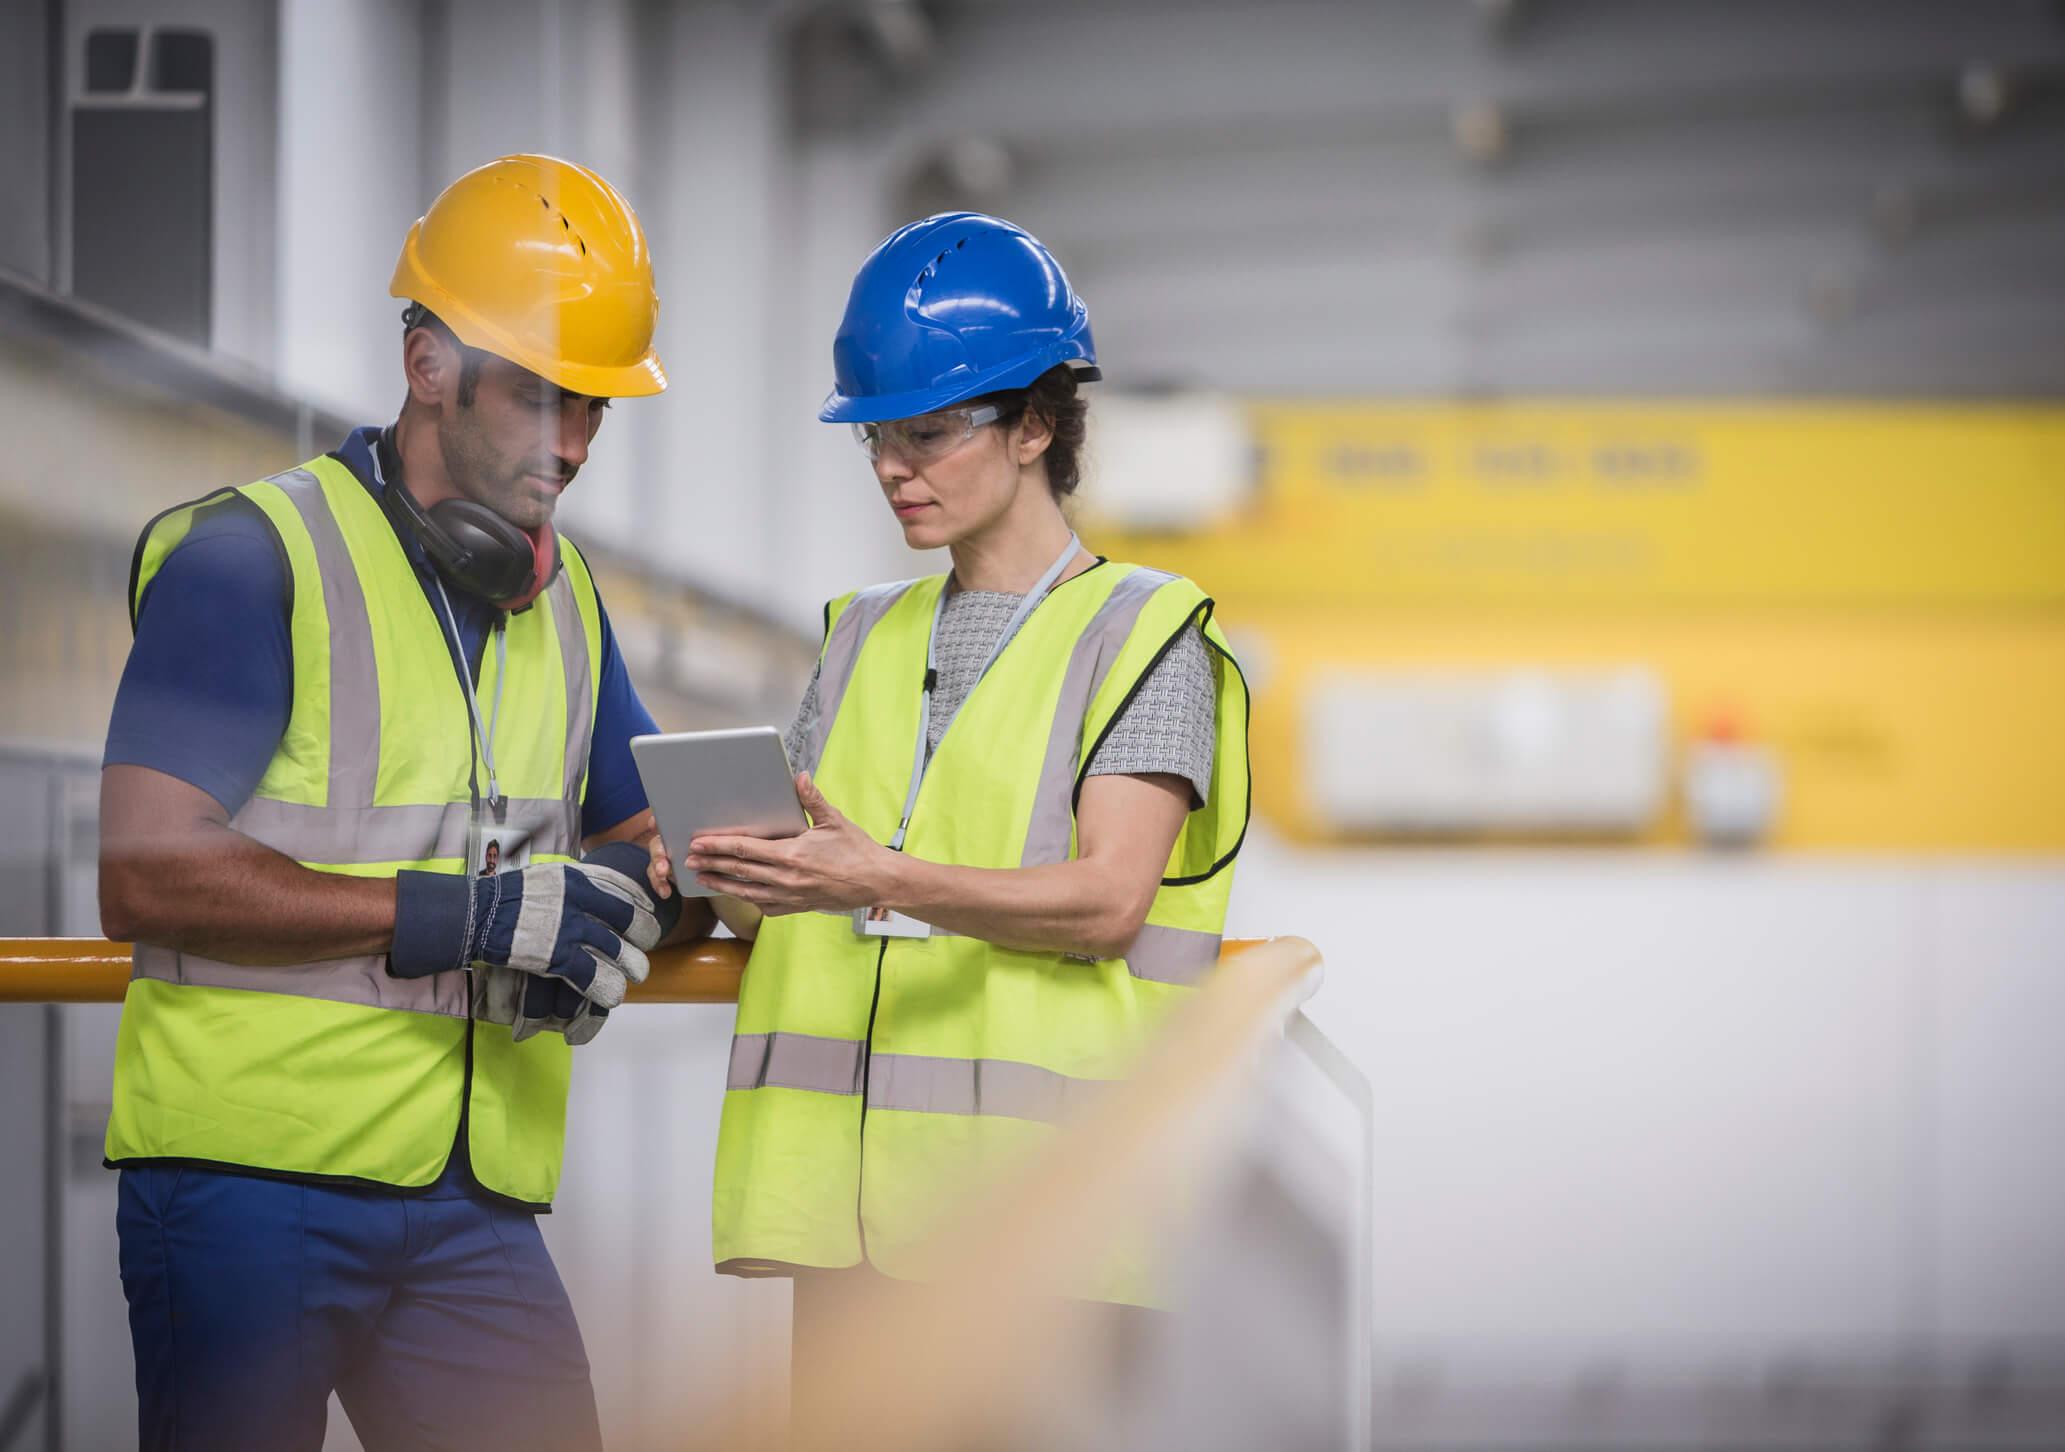 Conheça 20 das principais siglas da segurança do trabalho e saúde  ocupacional - Blog Safe: Tudo sobre Saúde, Segurança do trabalho e Meio  ambiente